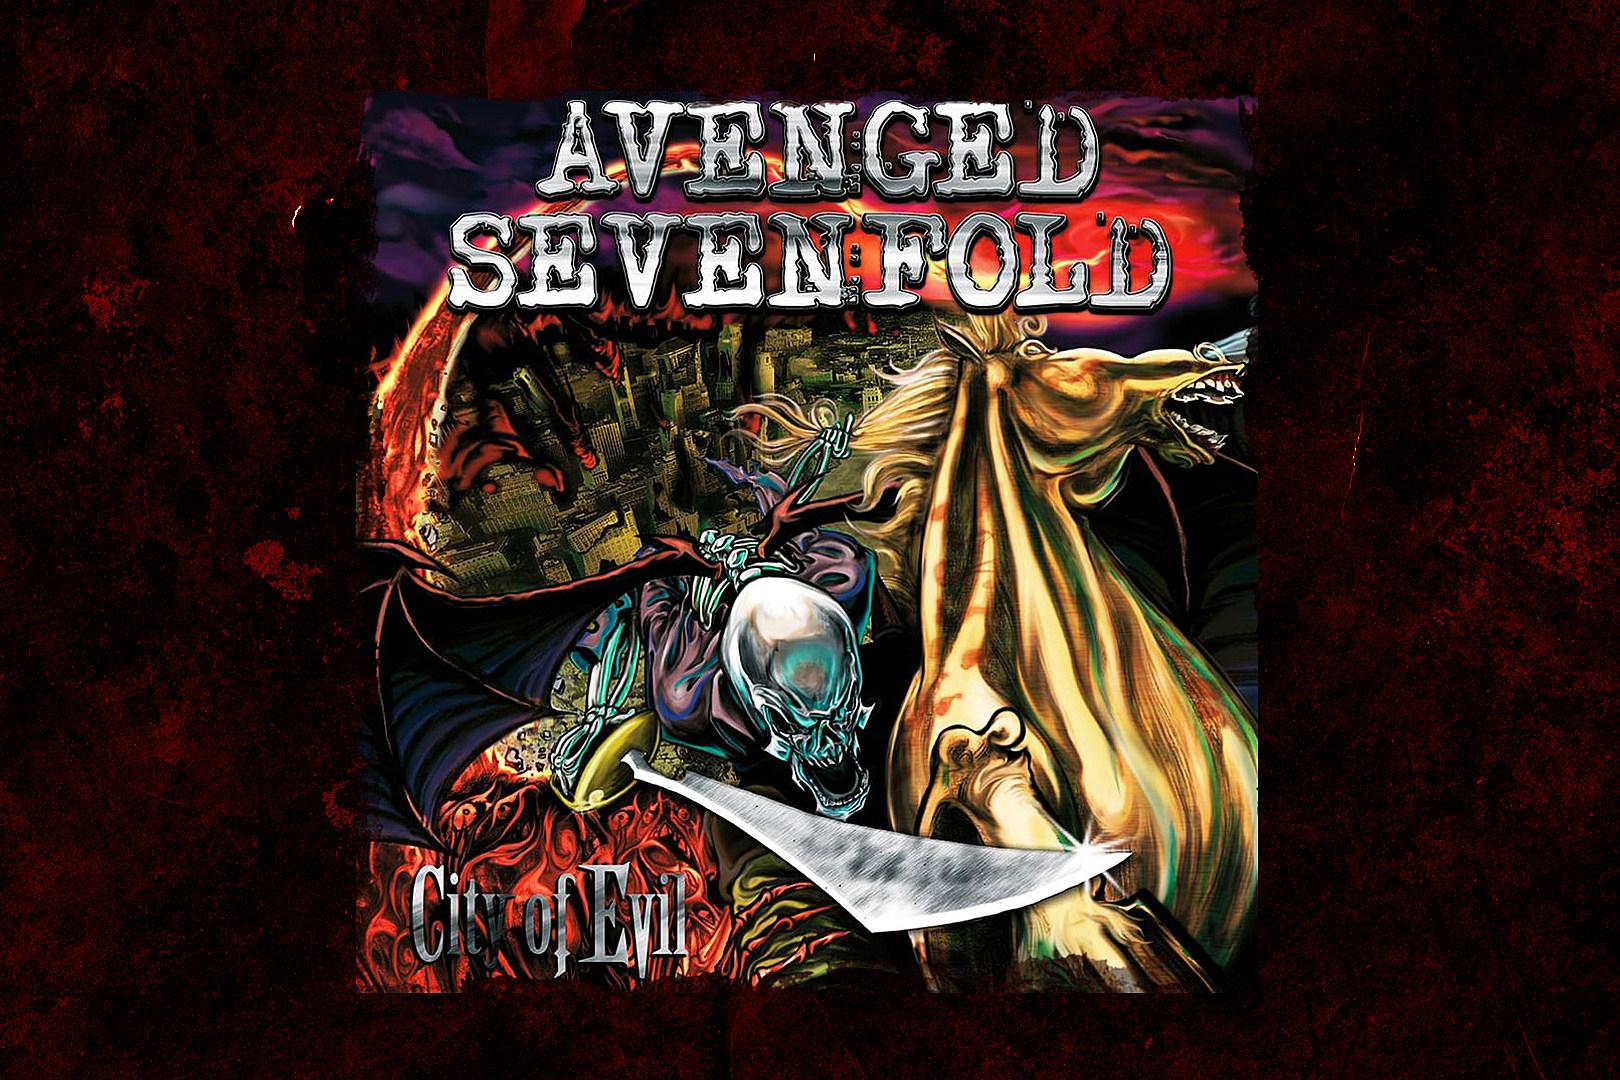 avenged sevenfold city of evil torrent